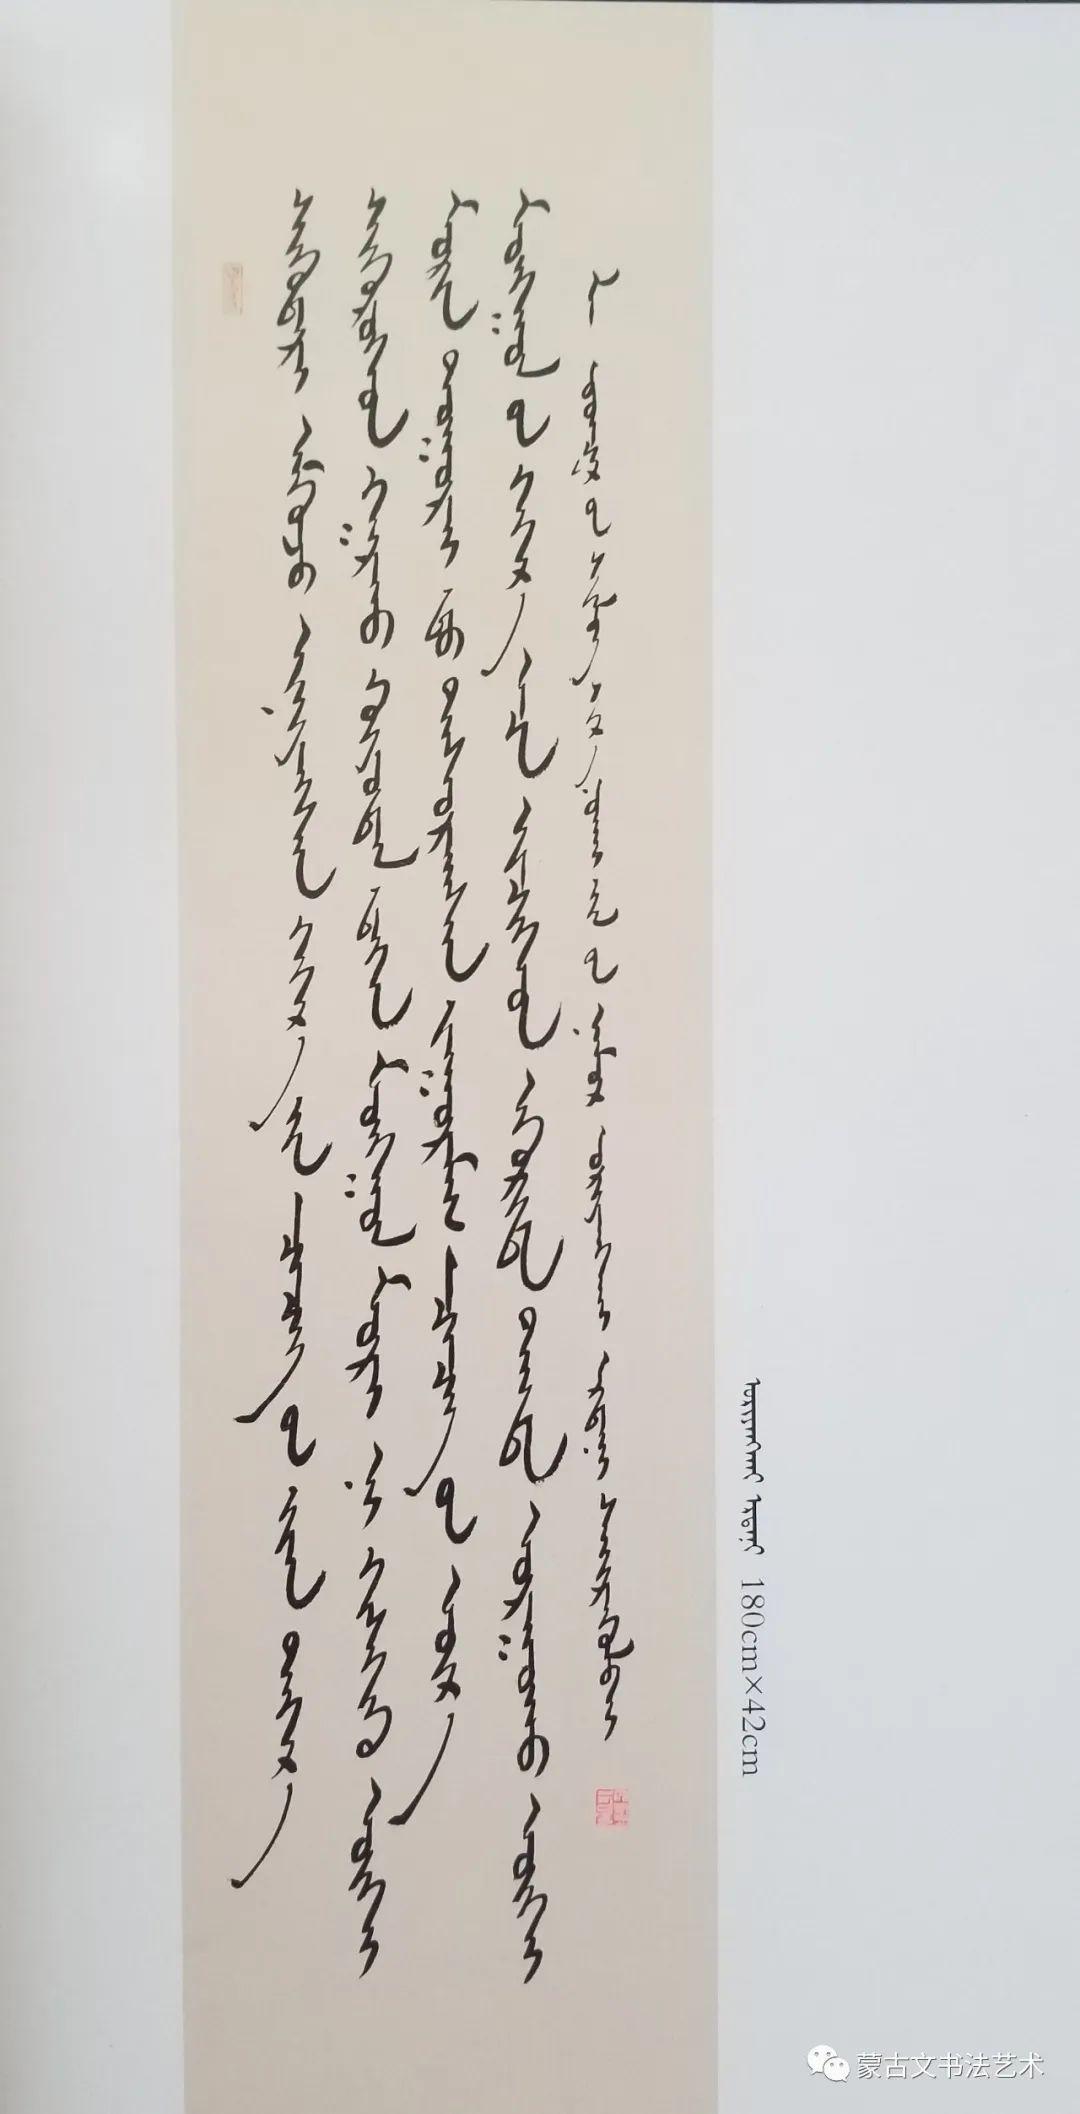 蒙古文书法作品集 第12张 蒙古文书法作品集 蒙古书法